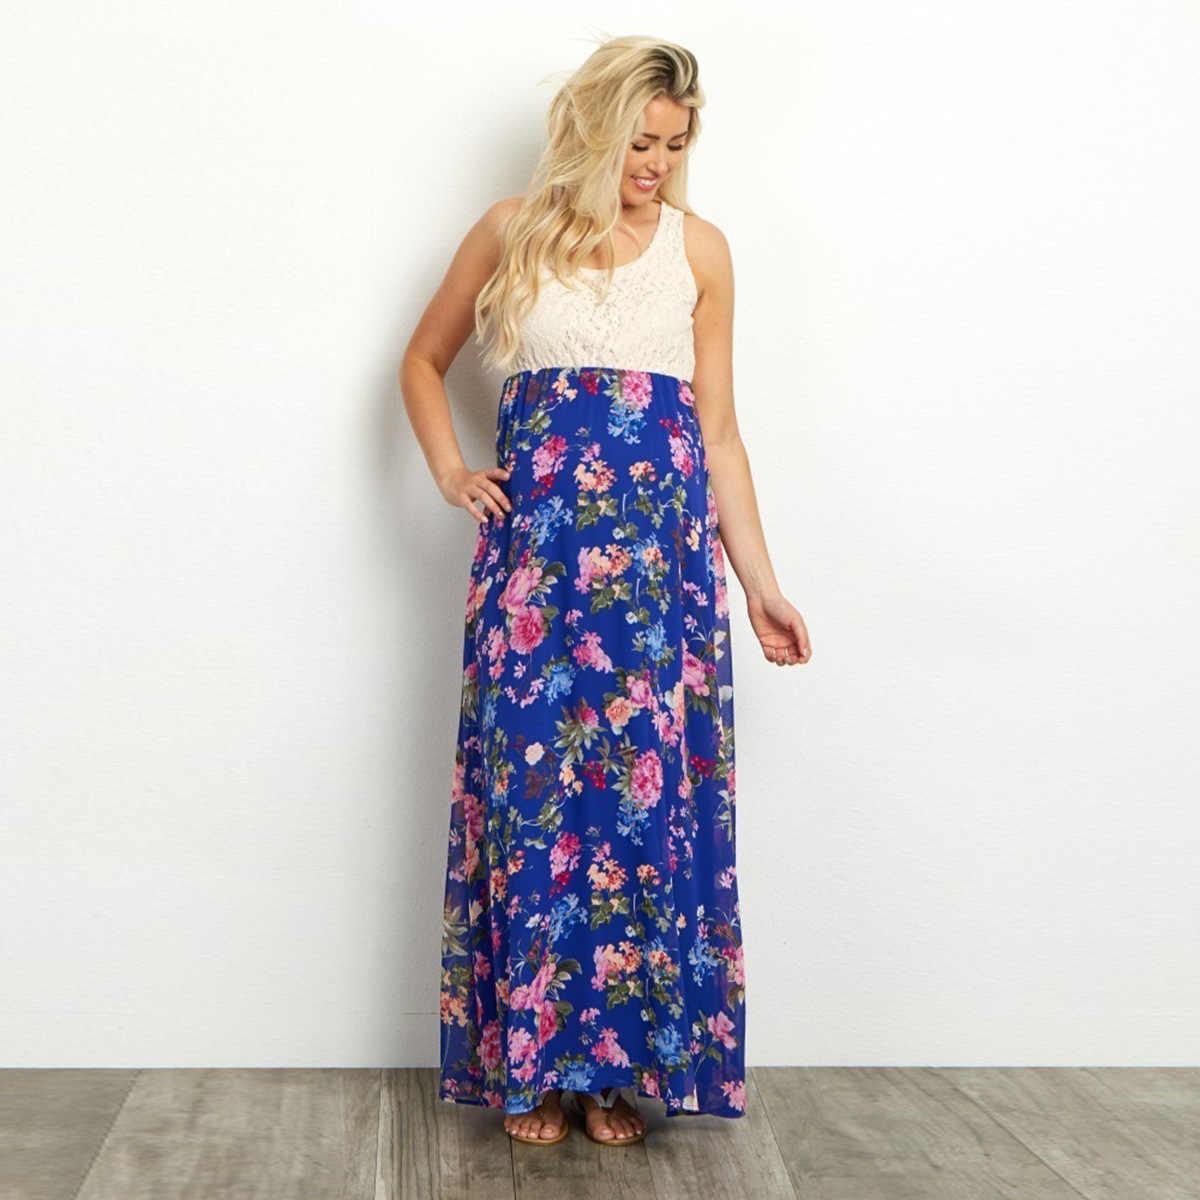 Кружевное комбинированное печать номера жилет беременная женщина легкое платье элегантные платья для беременных для фотосессии лидер продаж; новинка полиэстер